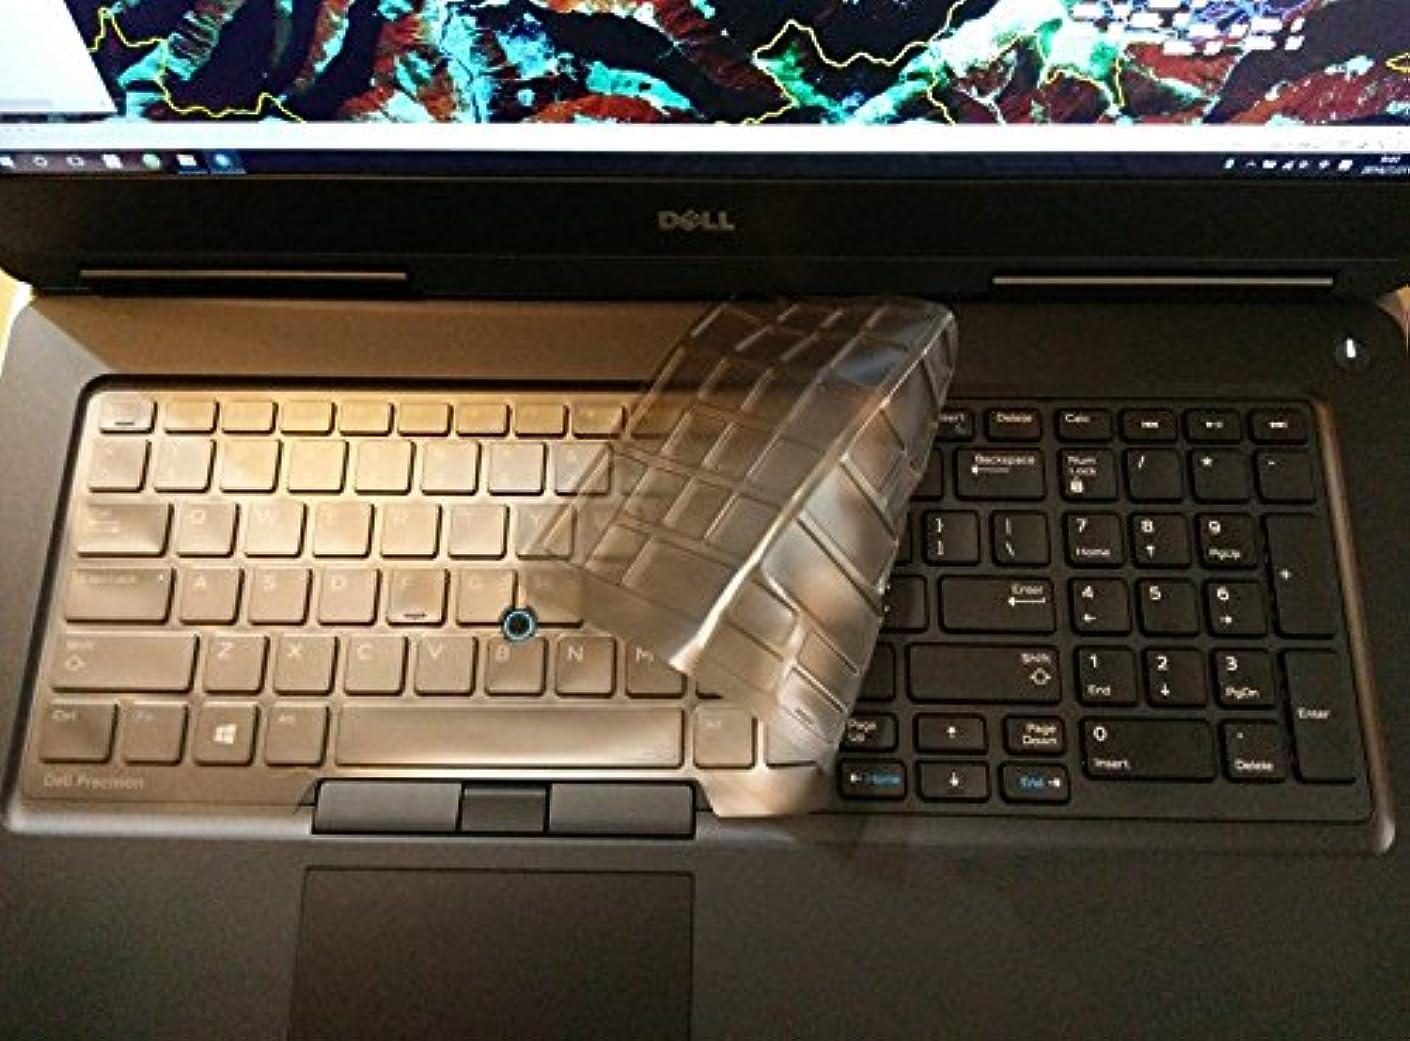 Leze - Ultra Thin Keyboard Skin Cover for Dell Latitude E5550 E5570,Precision M7510 M5520 M7710 M7720 M7520 15.6